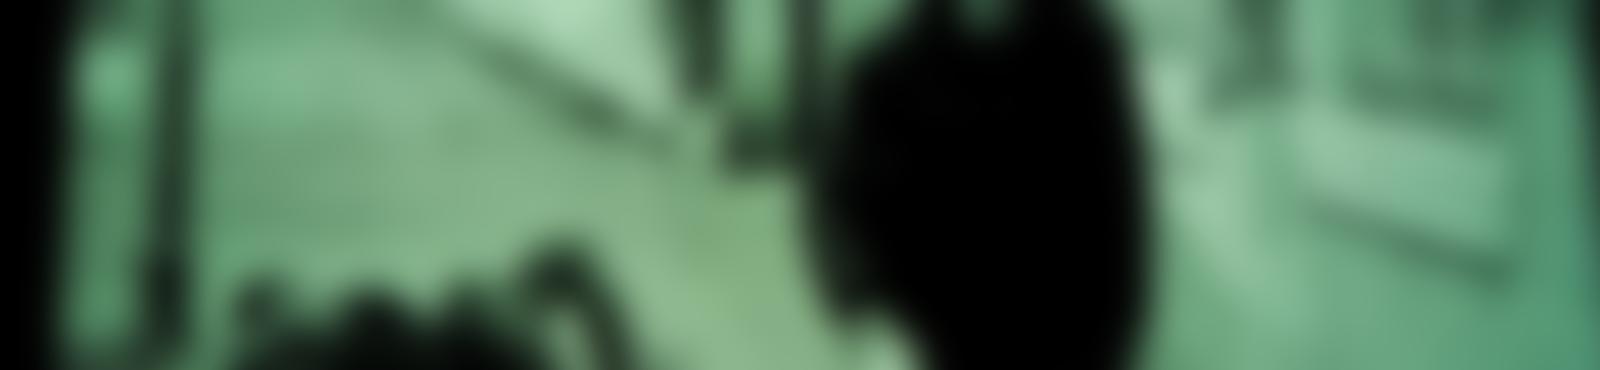 Blurred 0ba7deb3 6b88 41fc 8626 186a54b6a162